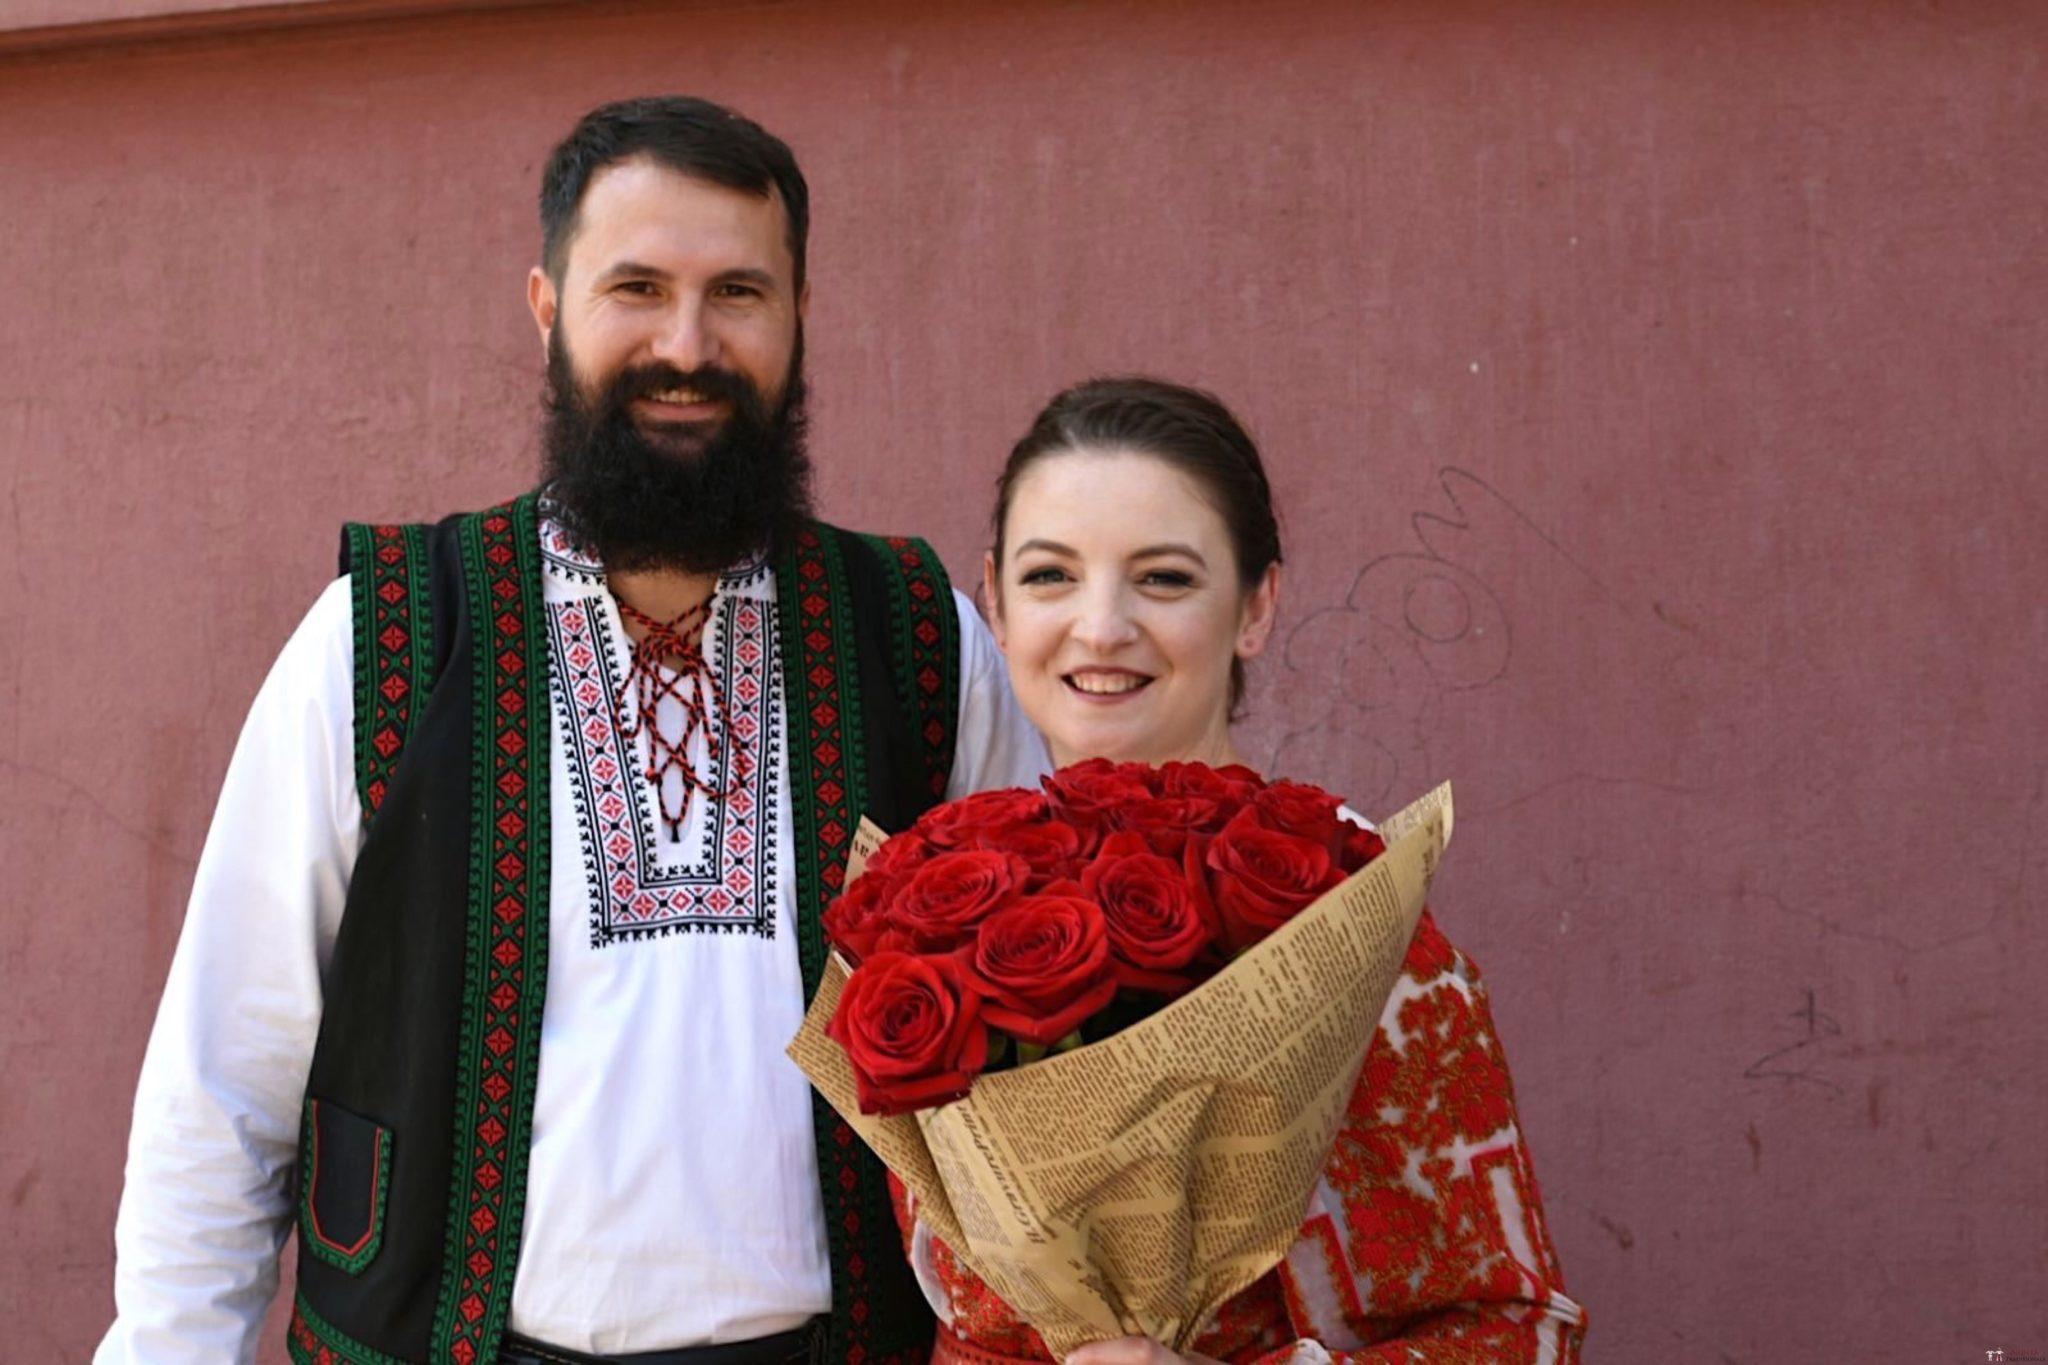 Povești Nunți Tradiționale - George Gabriel și Alexandra Buzatu, nuntă tradițională în Strejnicu, Prahova 6